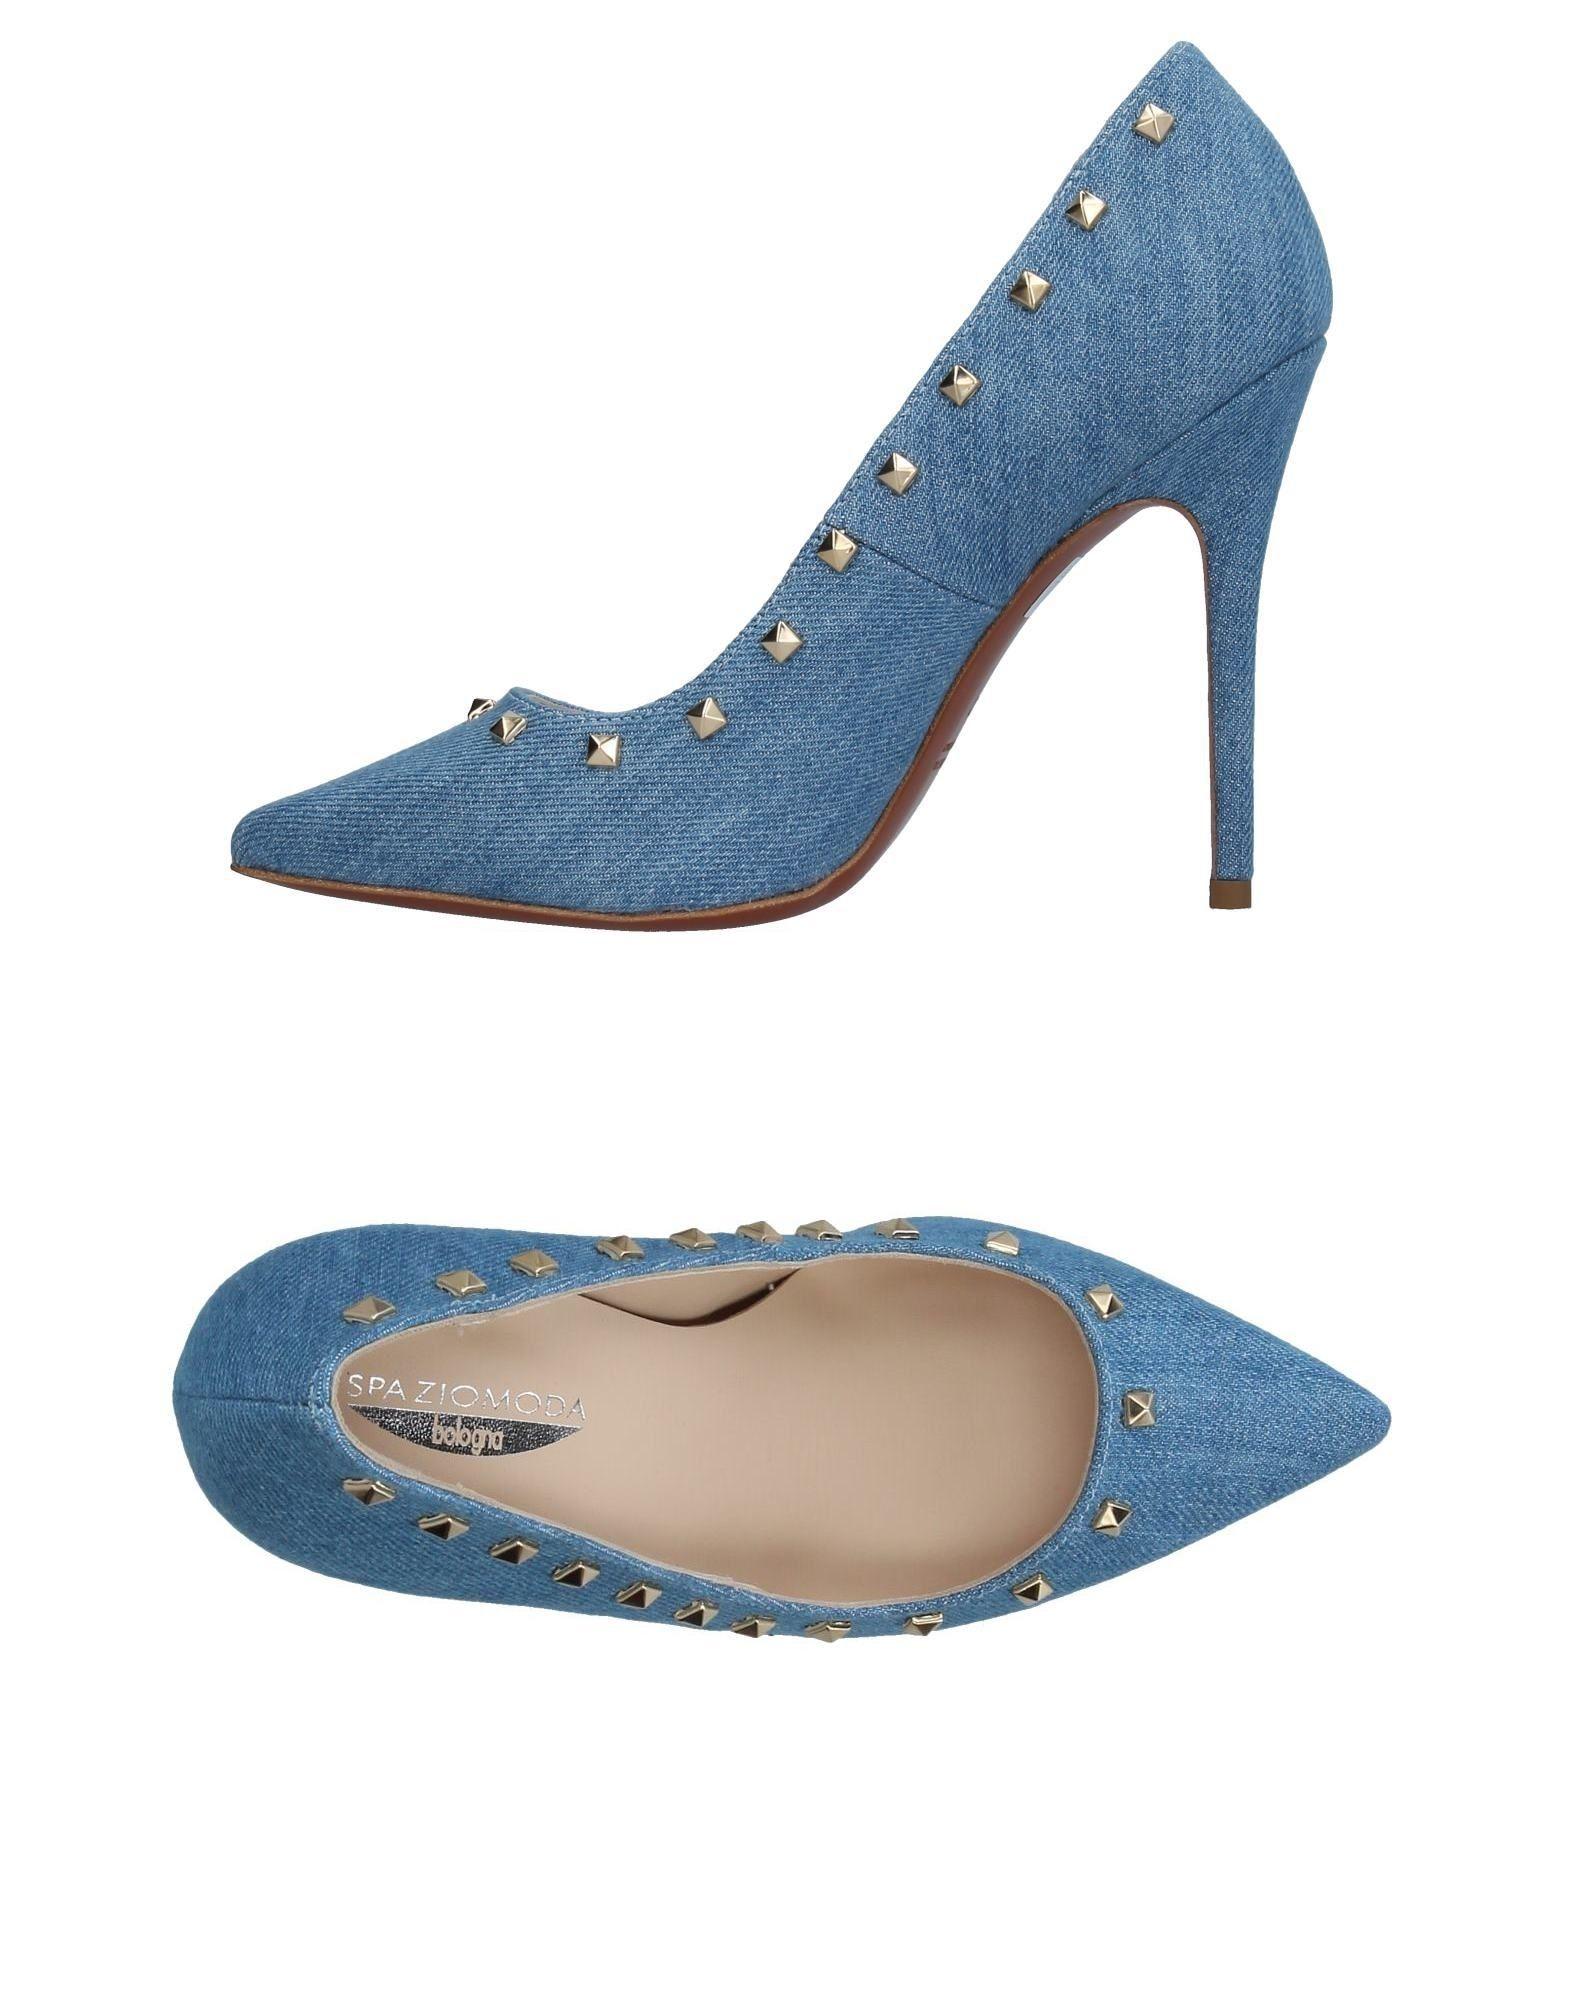 Spaziomoda Pumps Damen  11341930CX Gute Qualität beliebte Schuhe